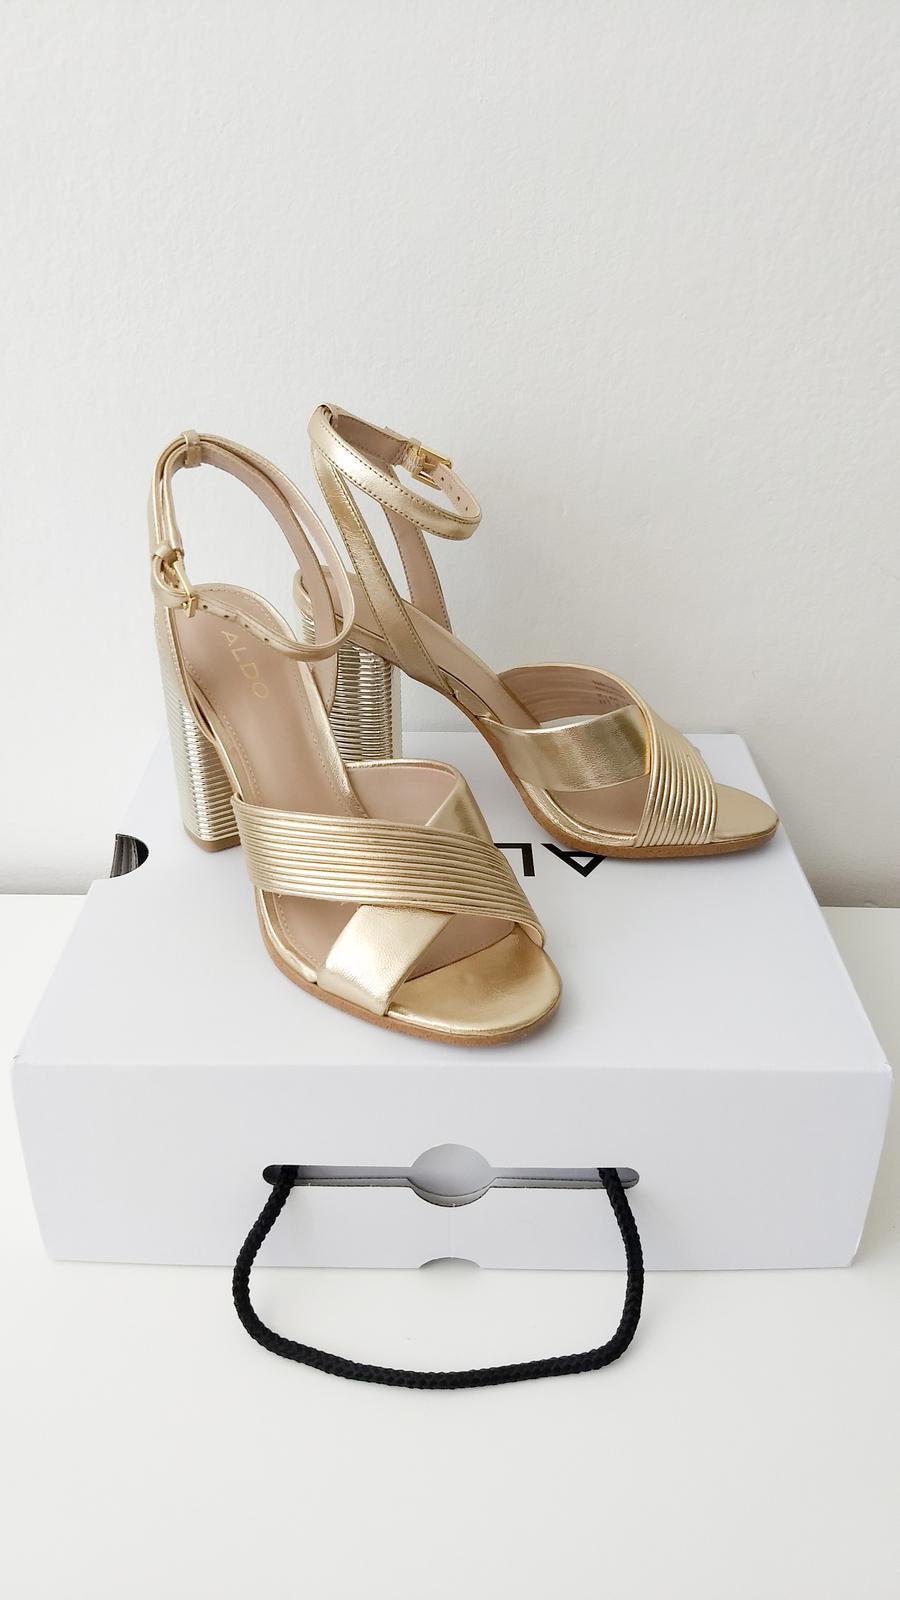 f5fe6cfb8a68 Zlaté kožené sandálky zn.aldo - 37